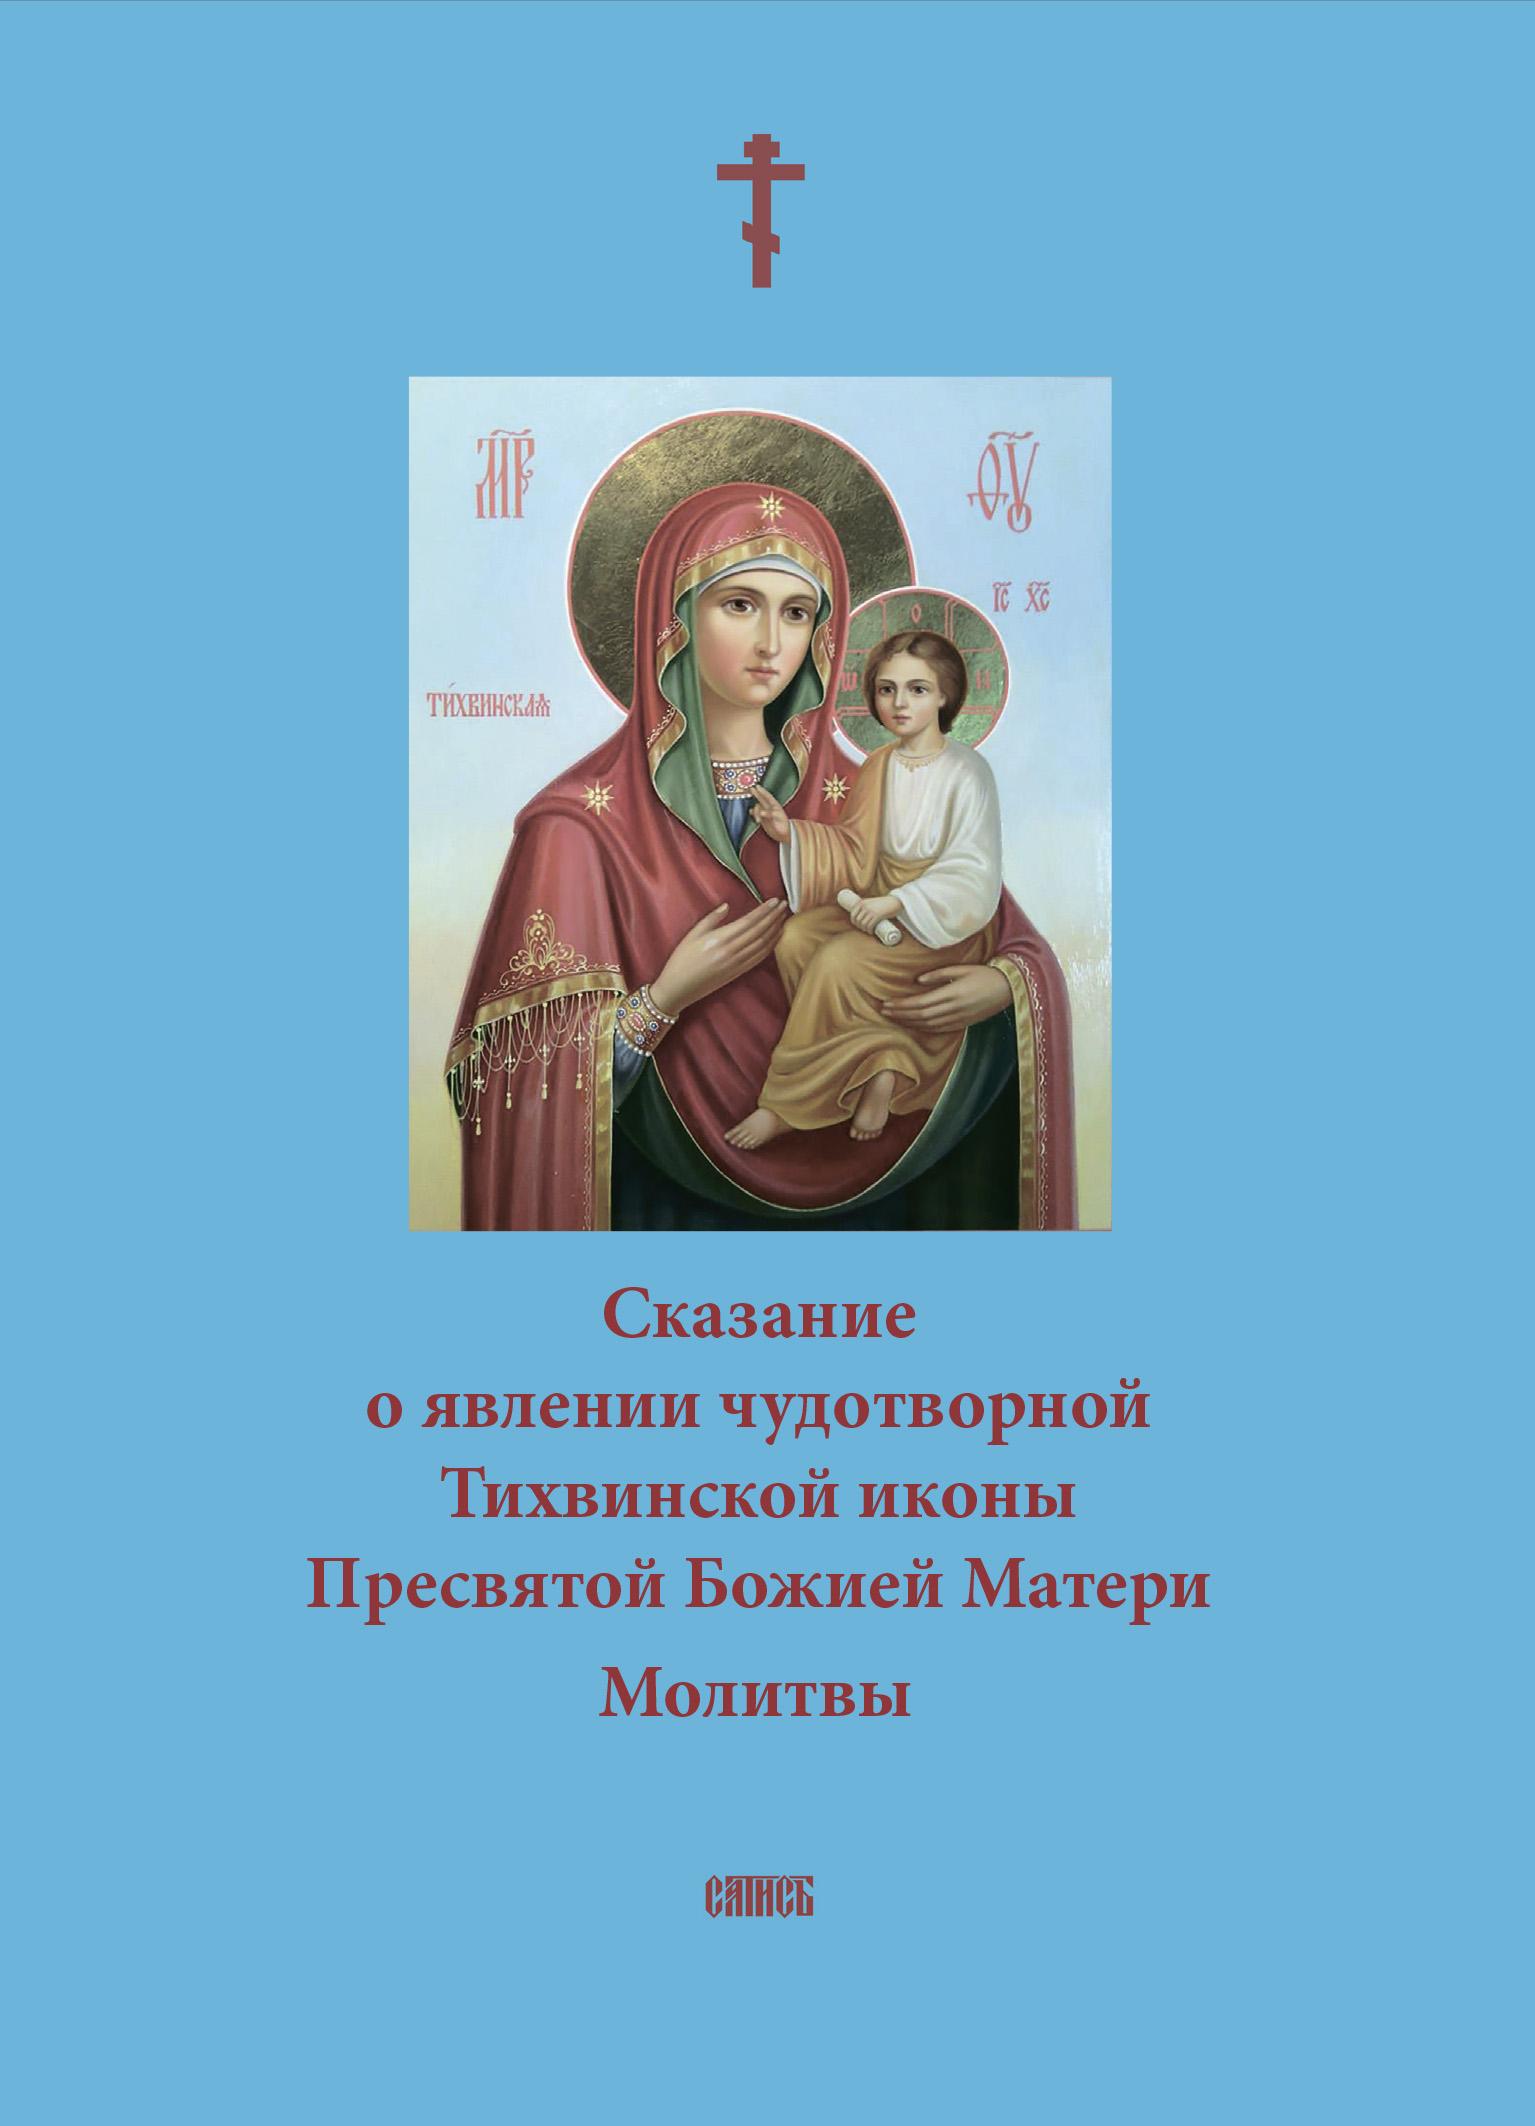 Сказание о явлении чудотворной Тихвинской иконы Пресвятой Божией Матери. Молитвы